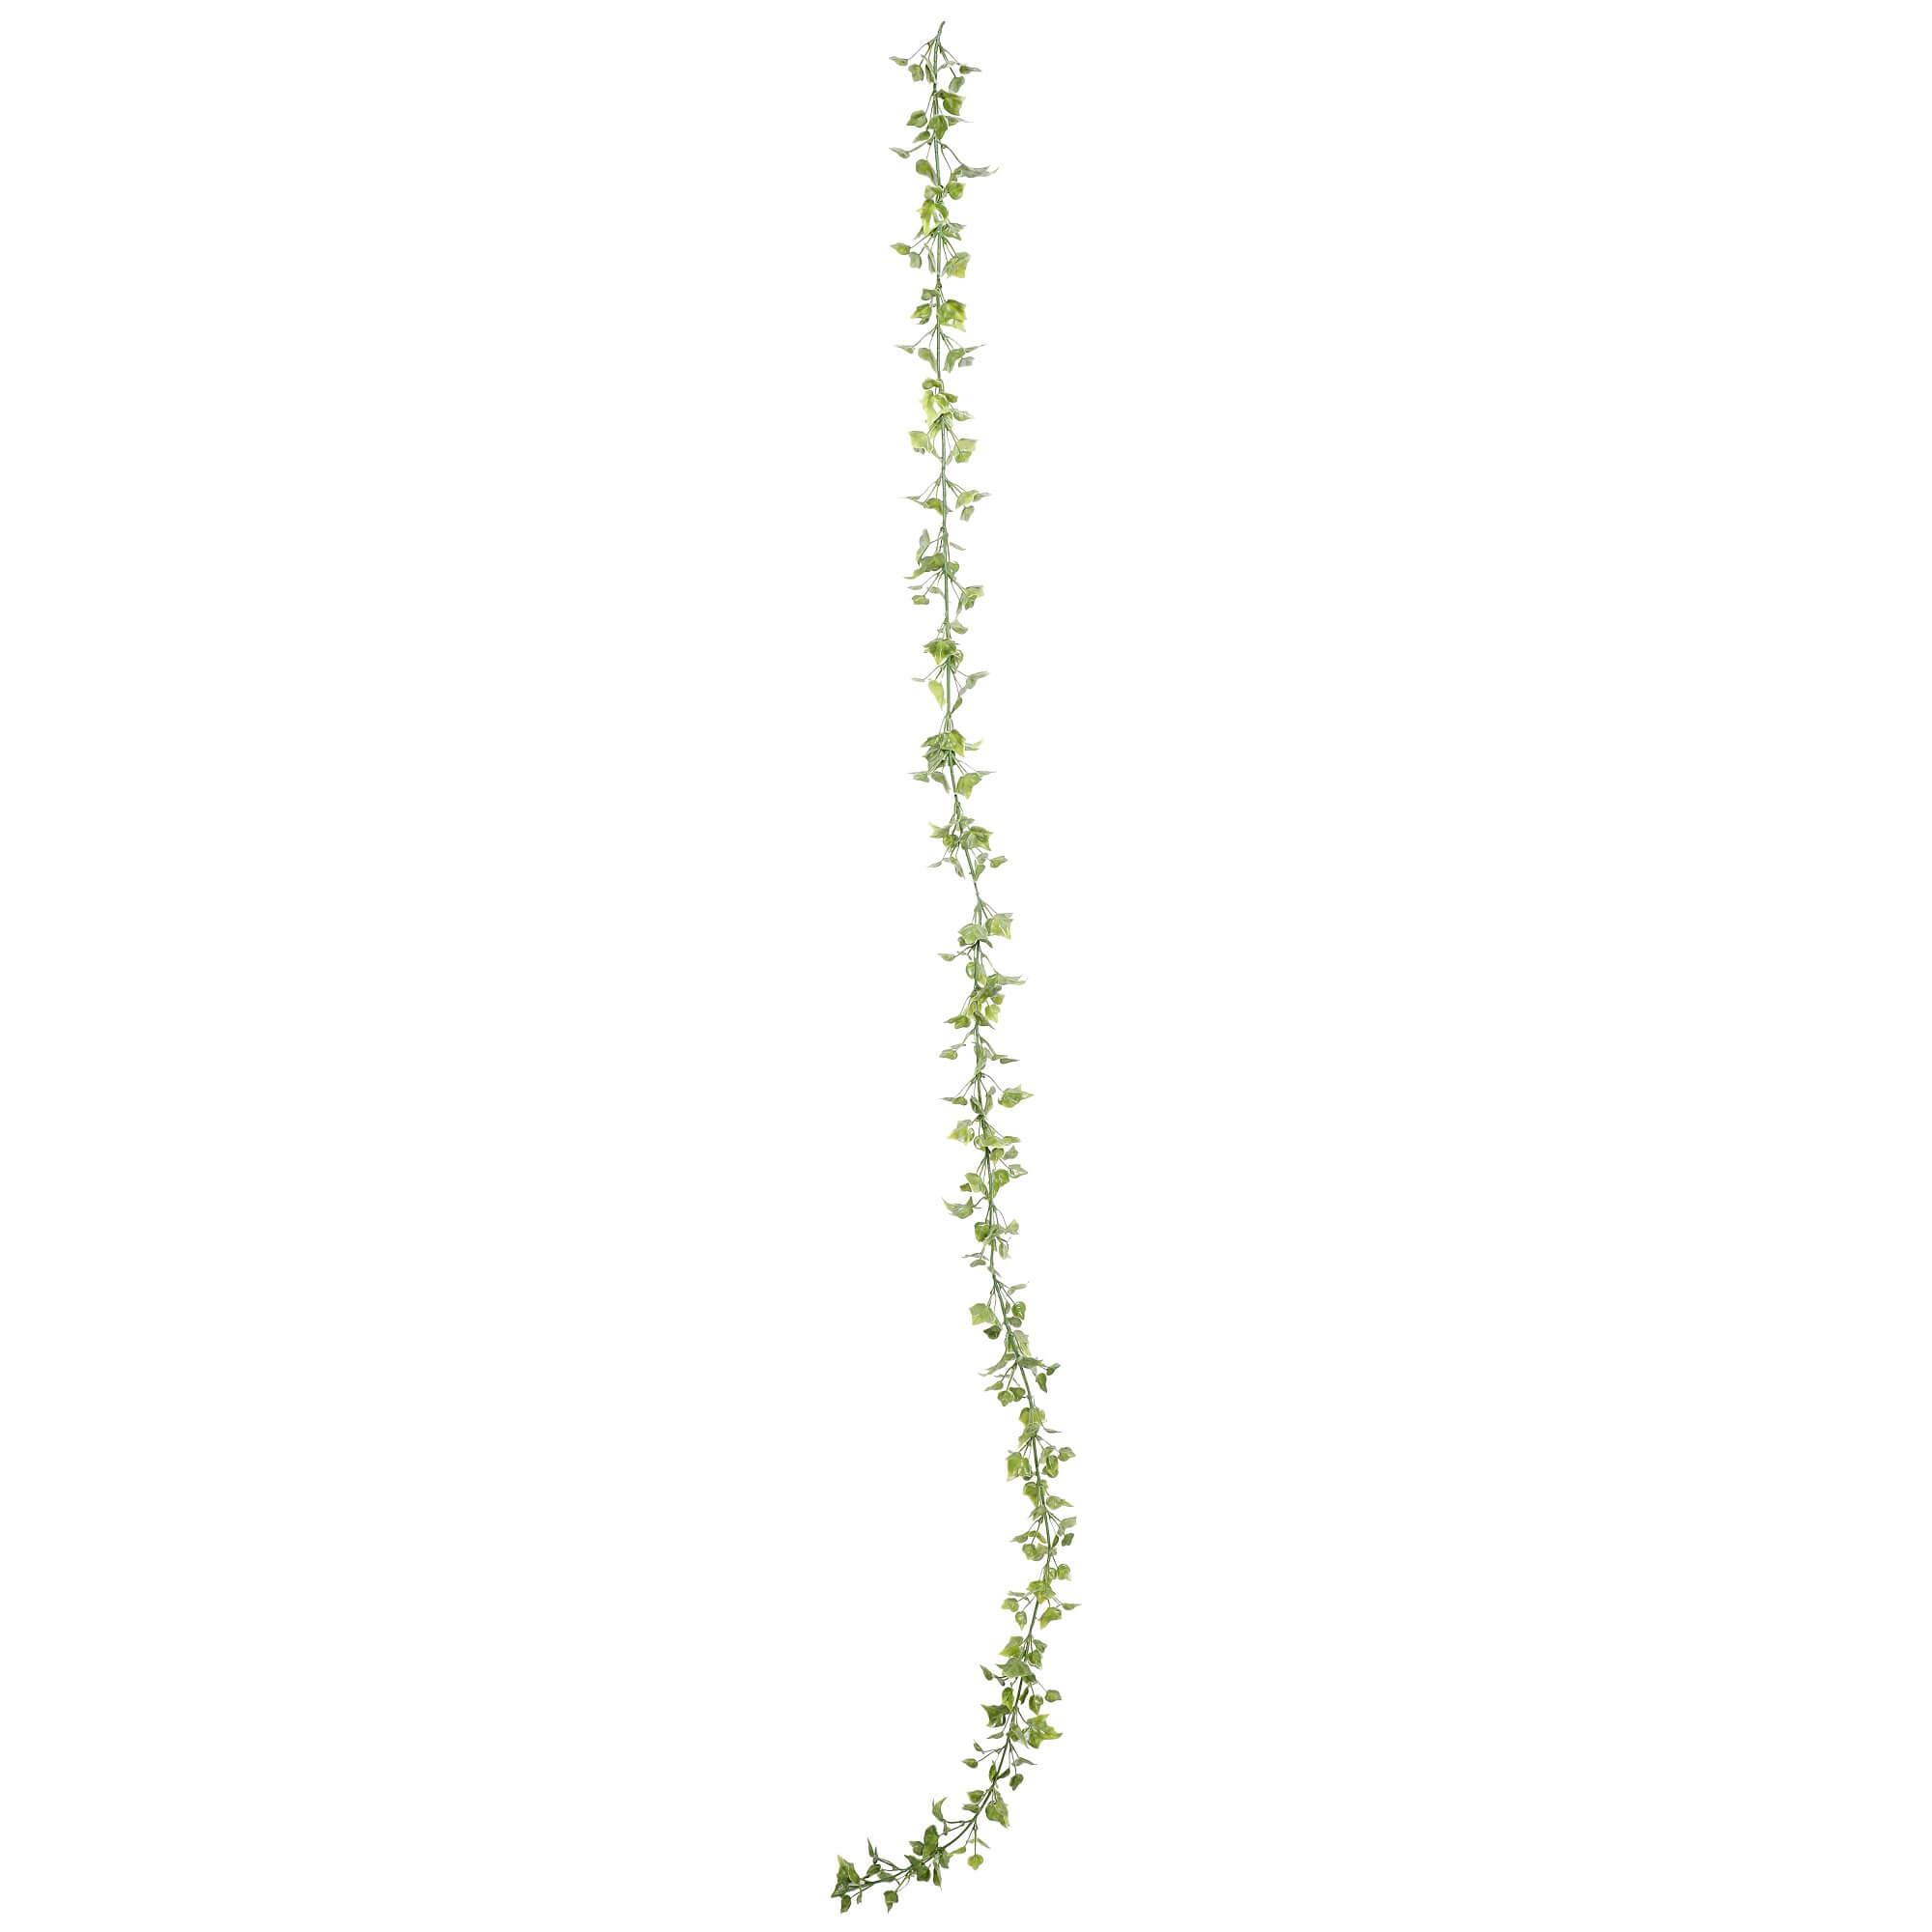 hanging English fake ivy garland